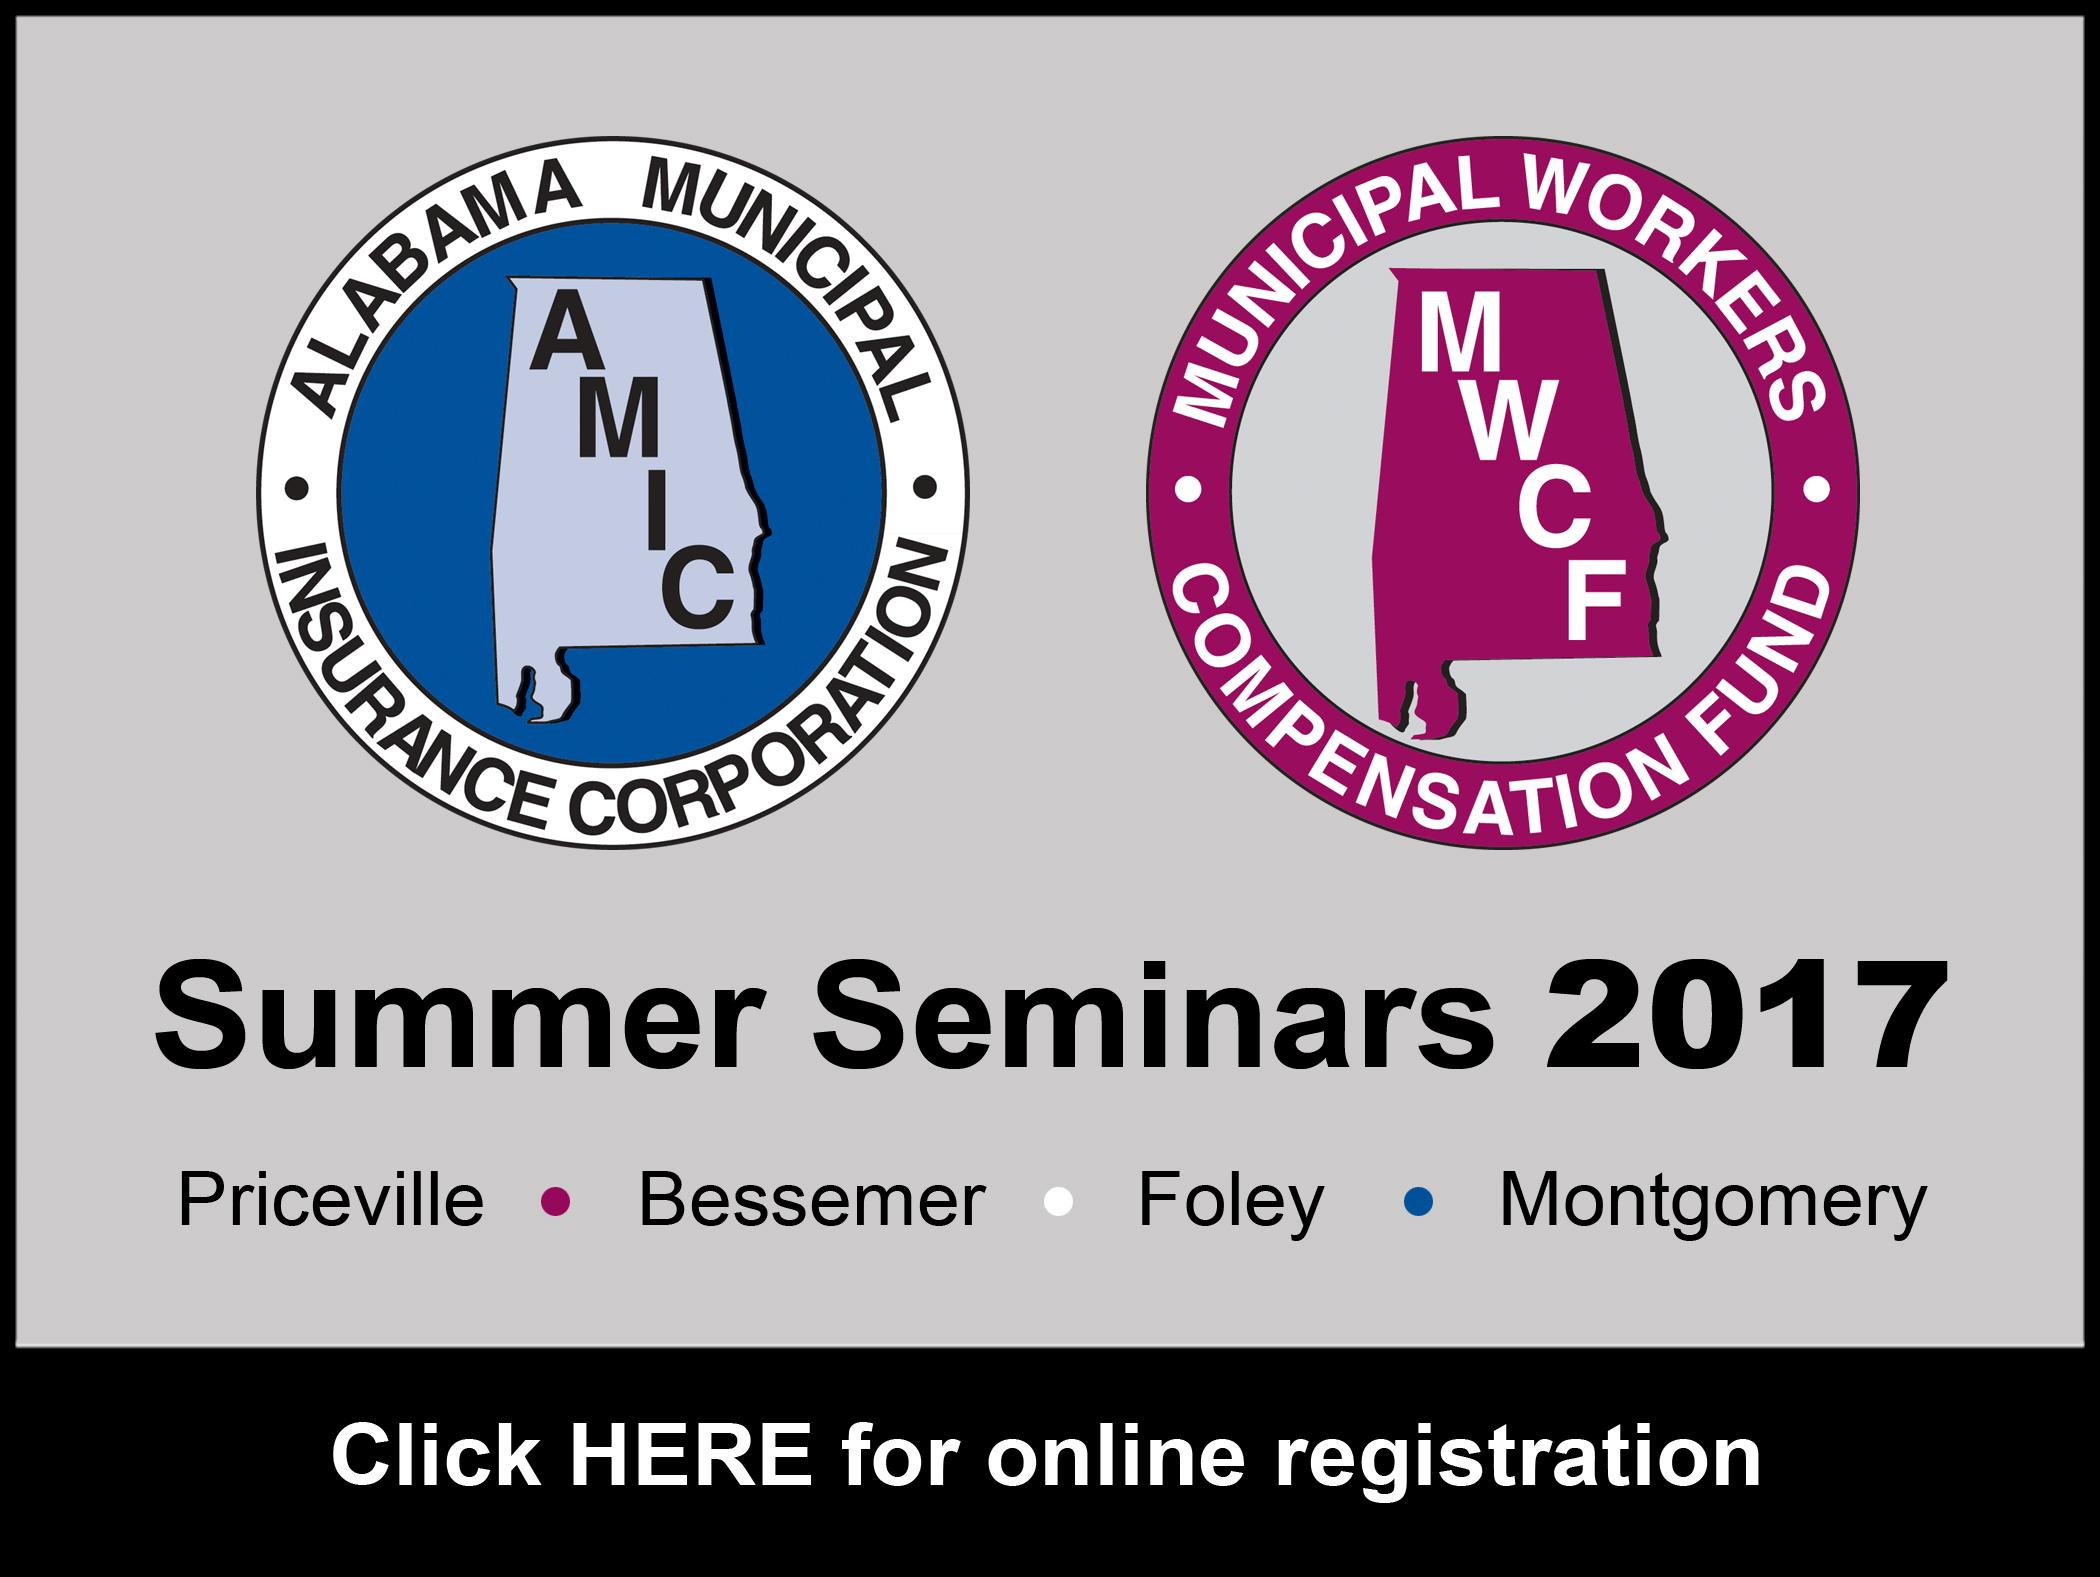 Summer Seminars 2017